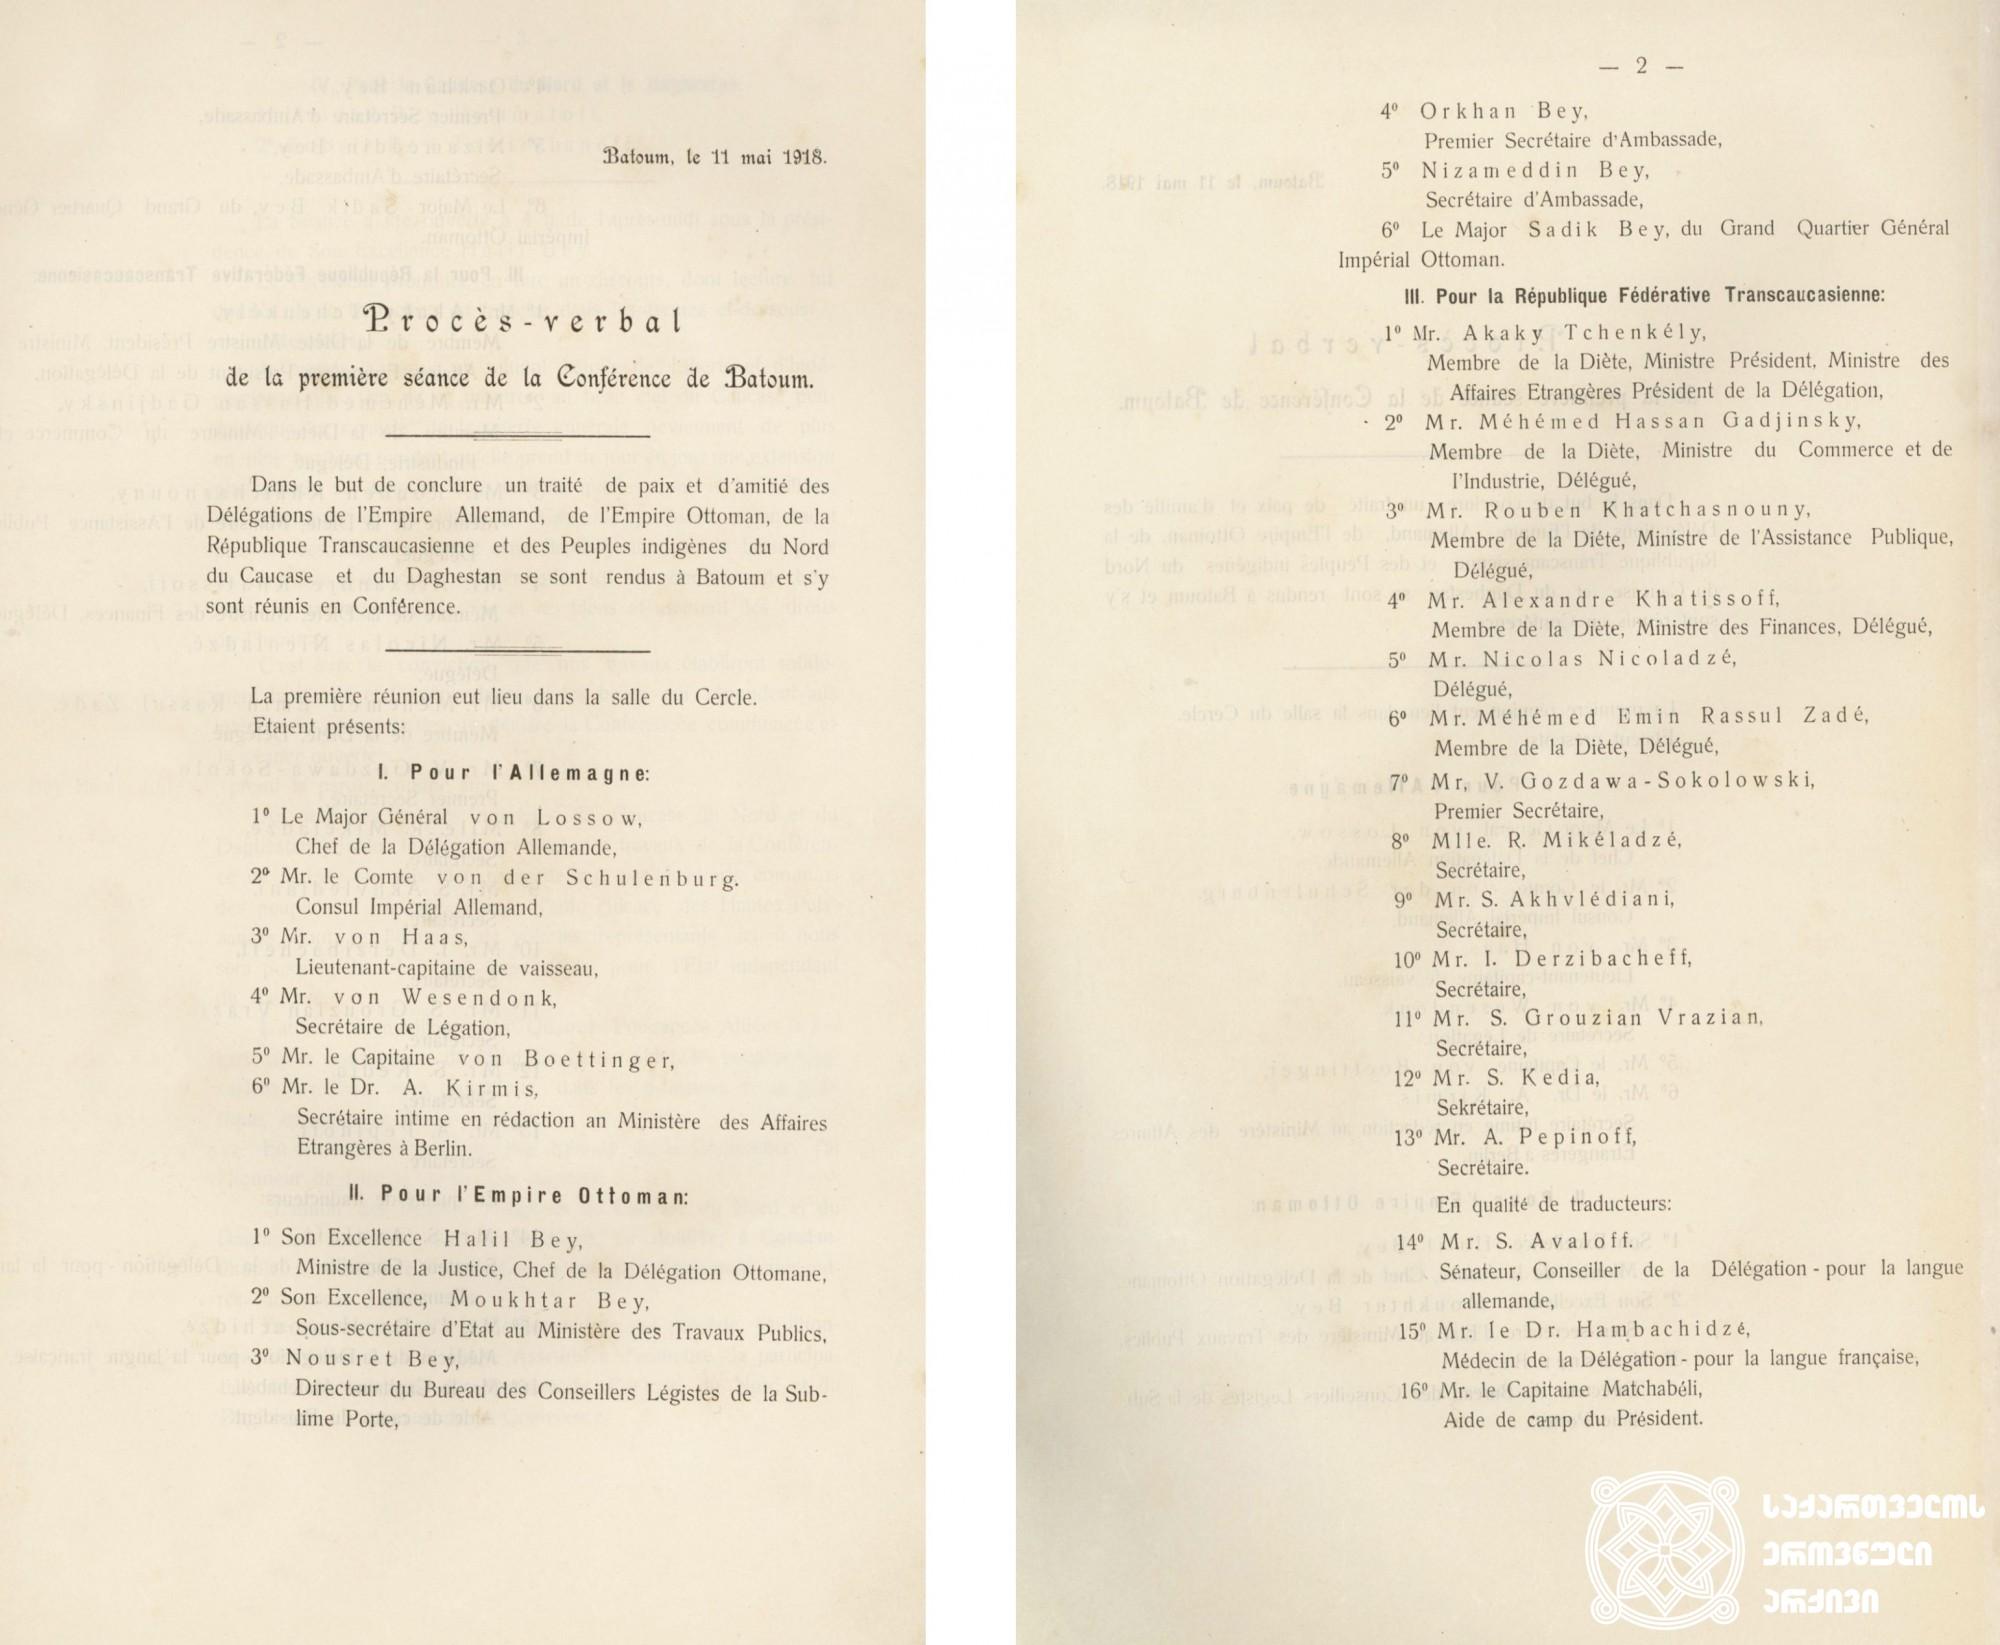 ბათუმის საზავო კონფერენციაზე გერმანიის, ოსმალეთისა და ამიერკავკასიის დელეგაციების სია. <br> List of the delegations of German, Ottomans and Transcaucasia participating in Peace Conference in Batumi.